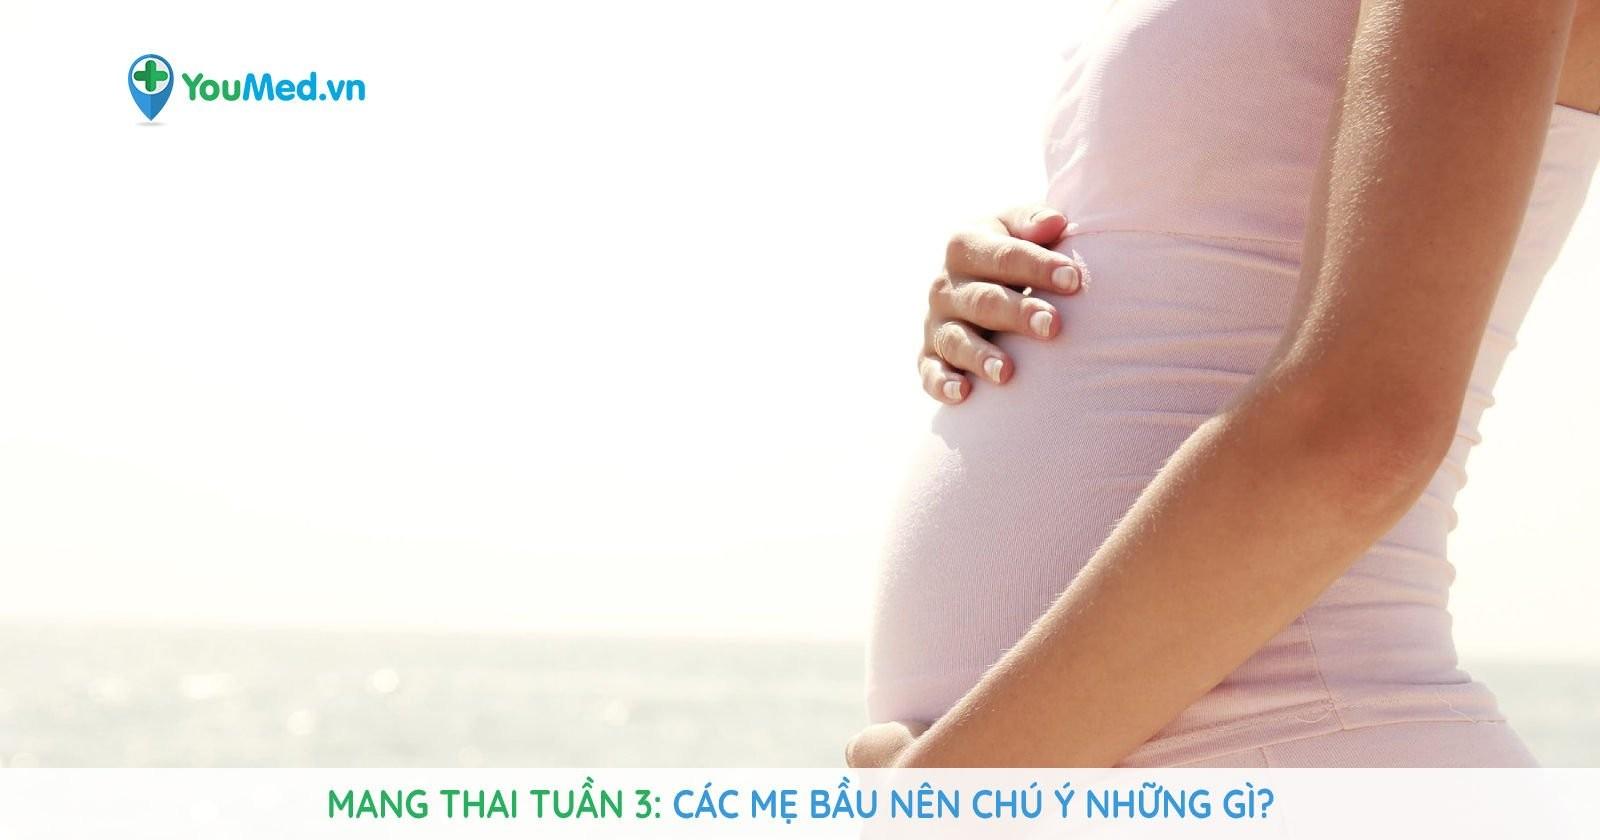 Mang thai tuần 3: Các mẹ bầu nên chú ý những gì?